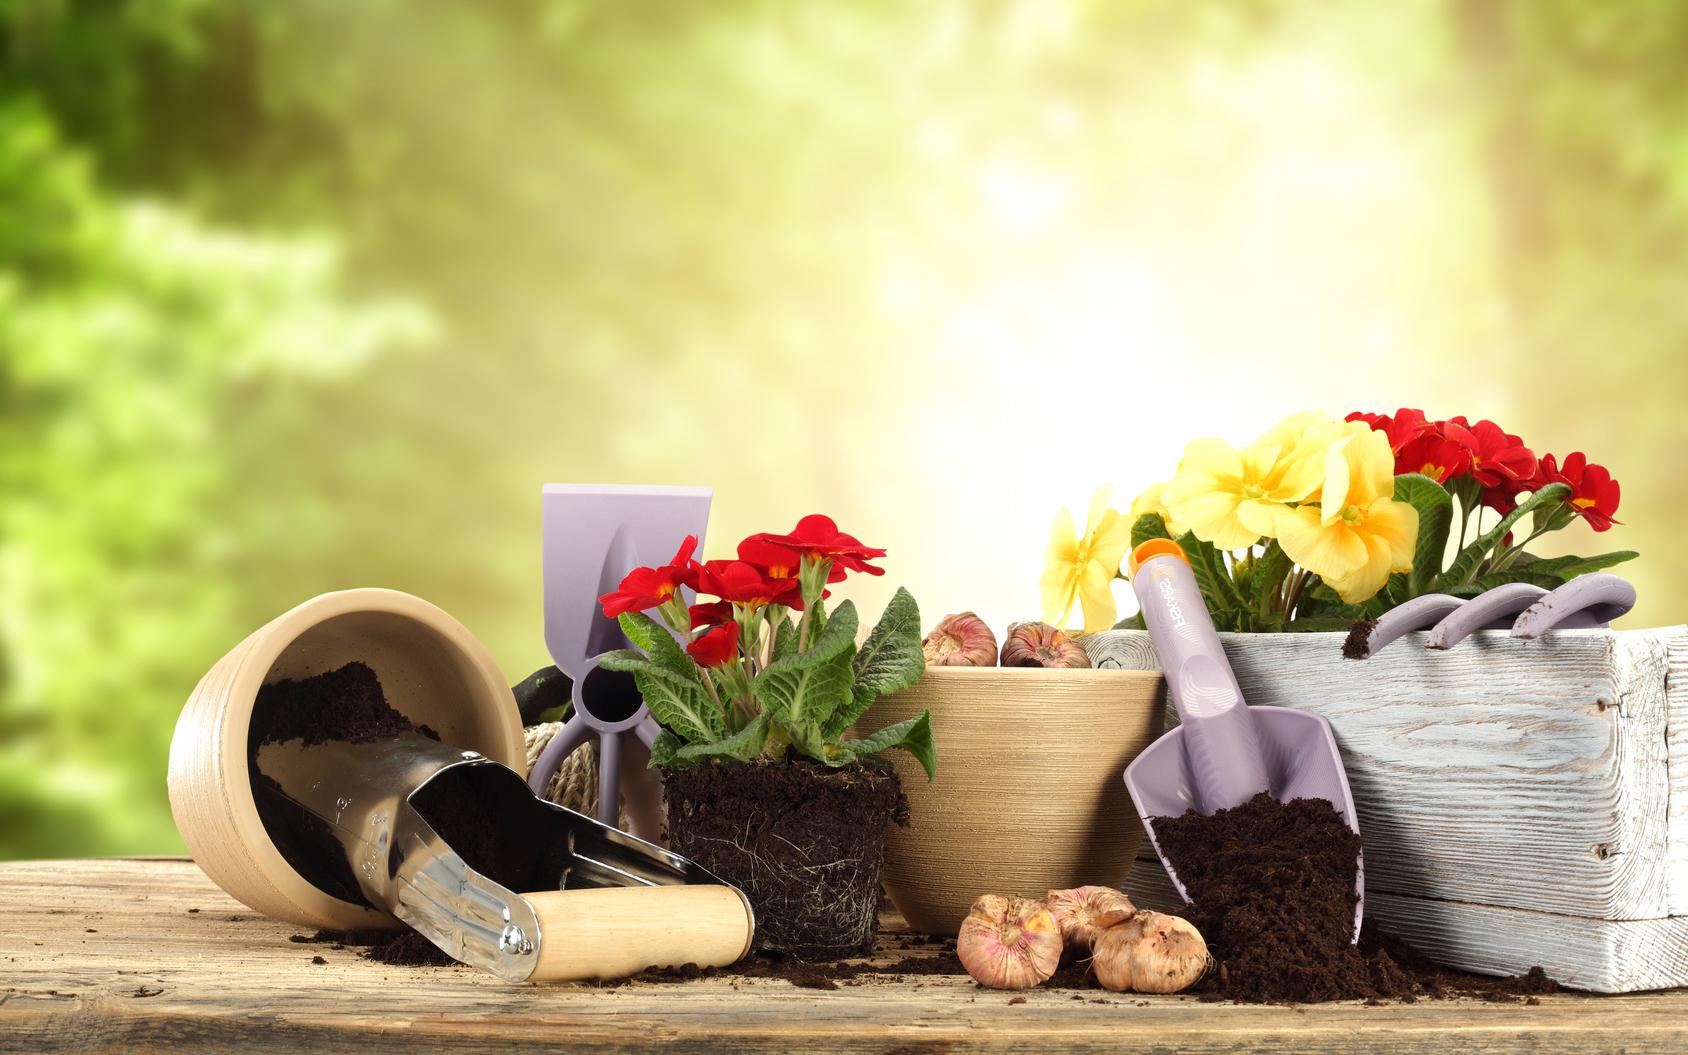 Prodotti biologici piante Tecnogreen